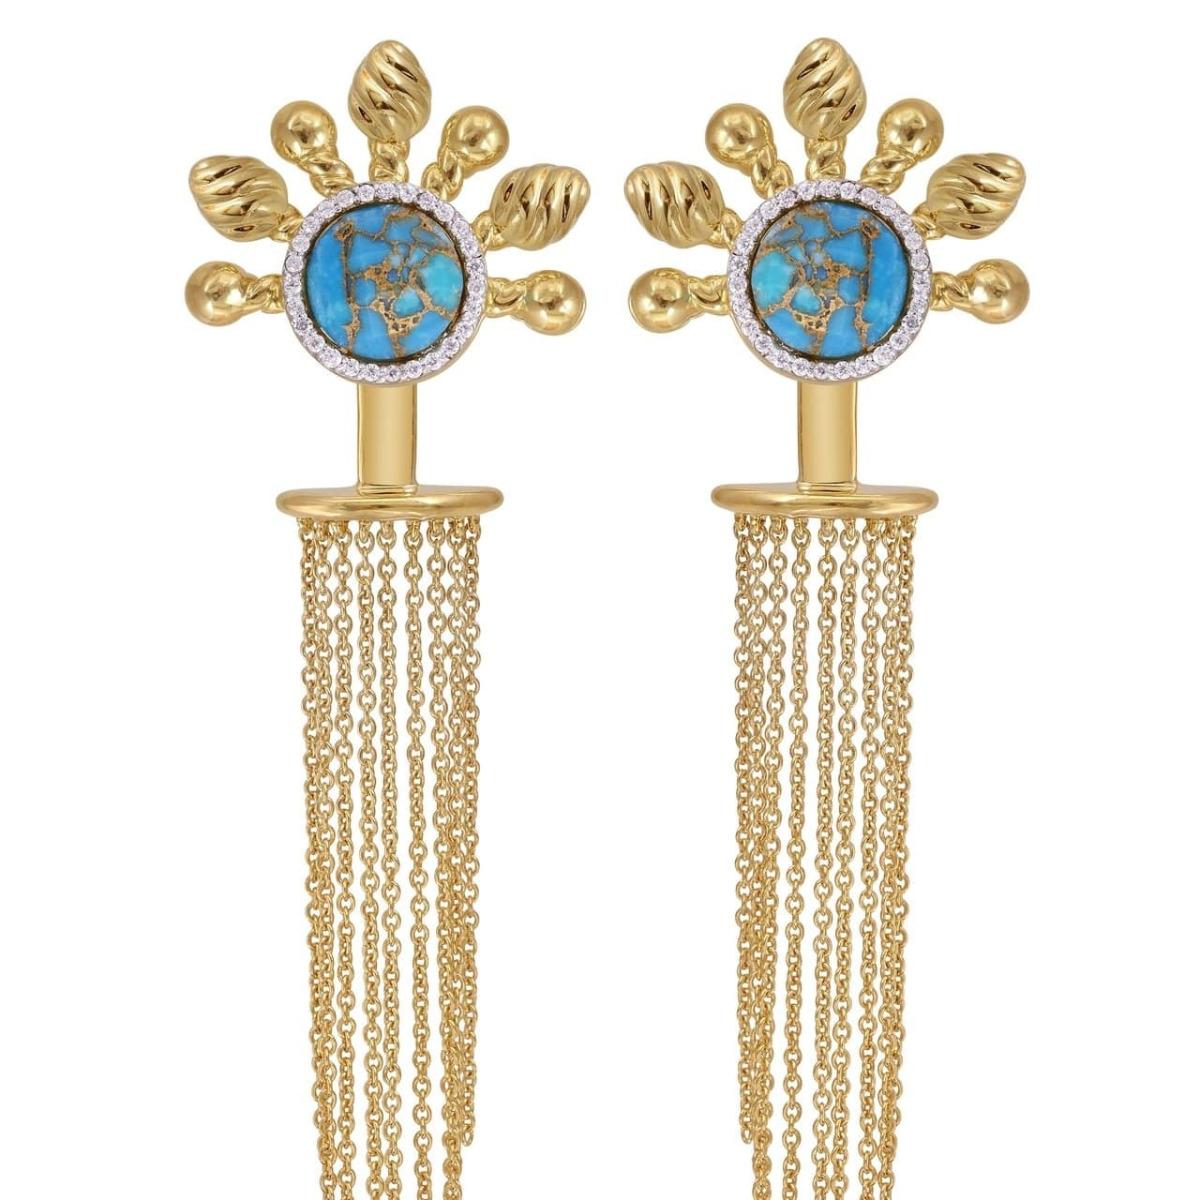 Floating Rays Detachable Turquoise Chandelier Earrings